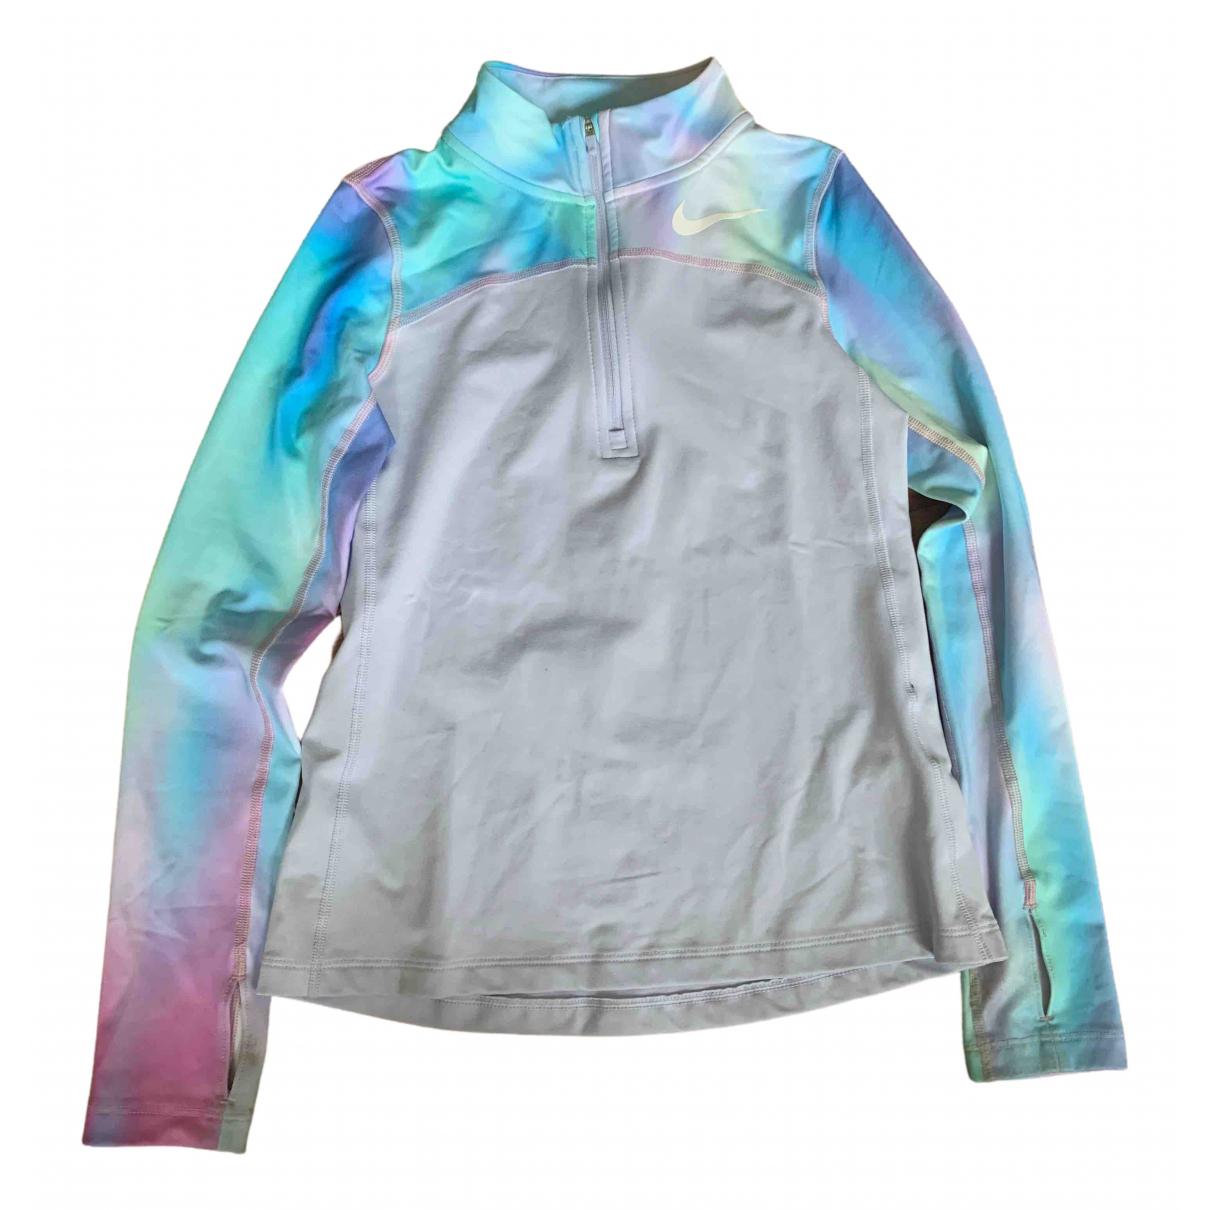 Nike - Top   pour enfant - multicolore